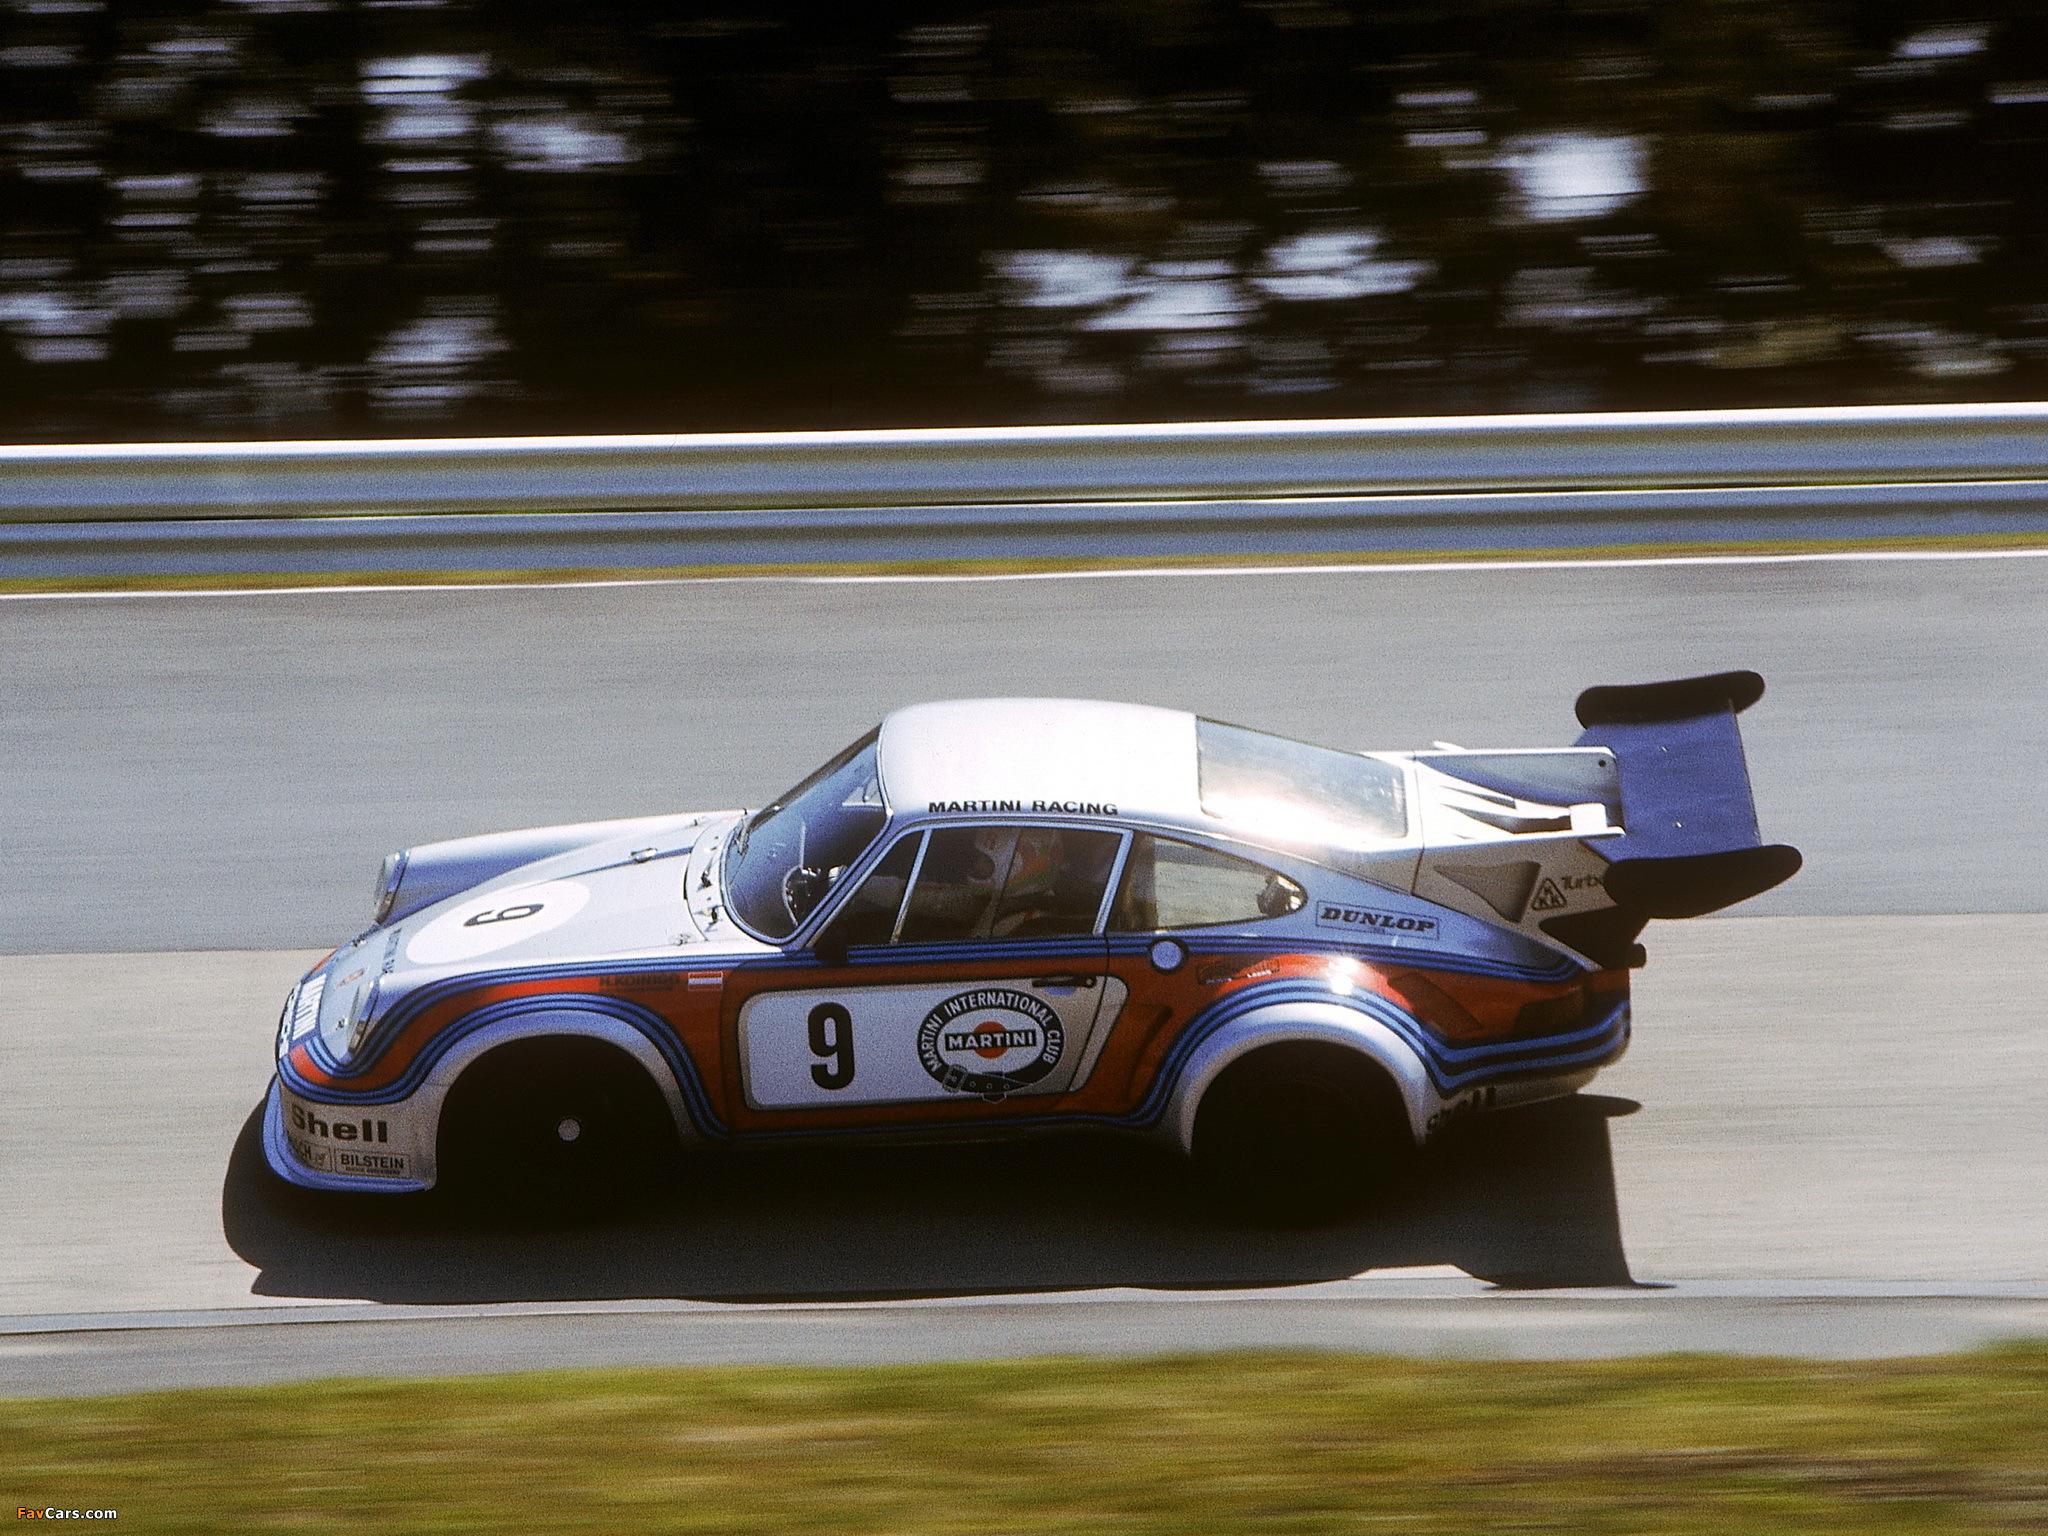 Porsche 911 Carrera Rsr Turbo 2 1 911 1974 77 Photos